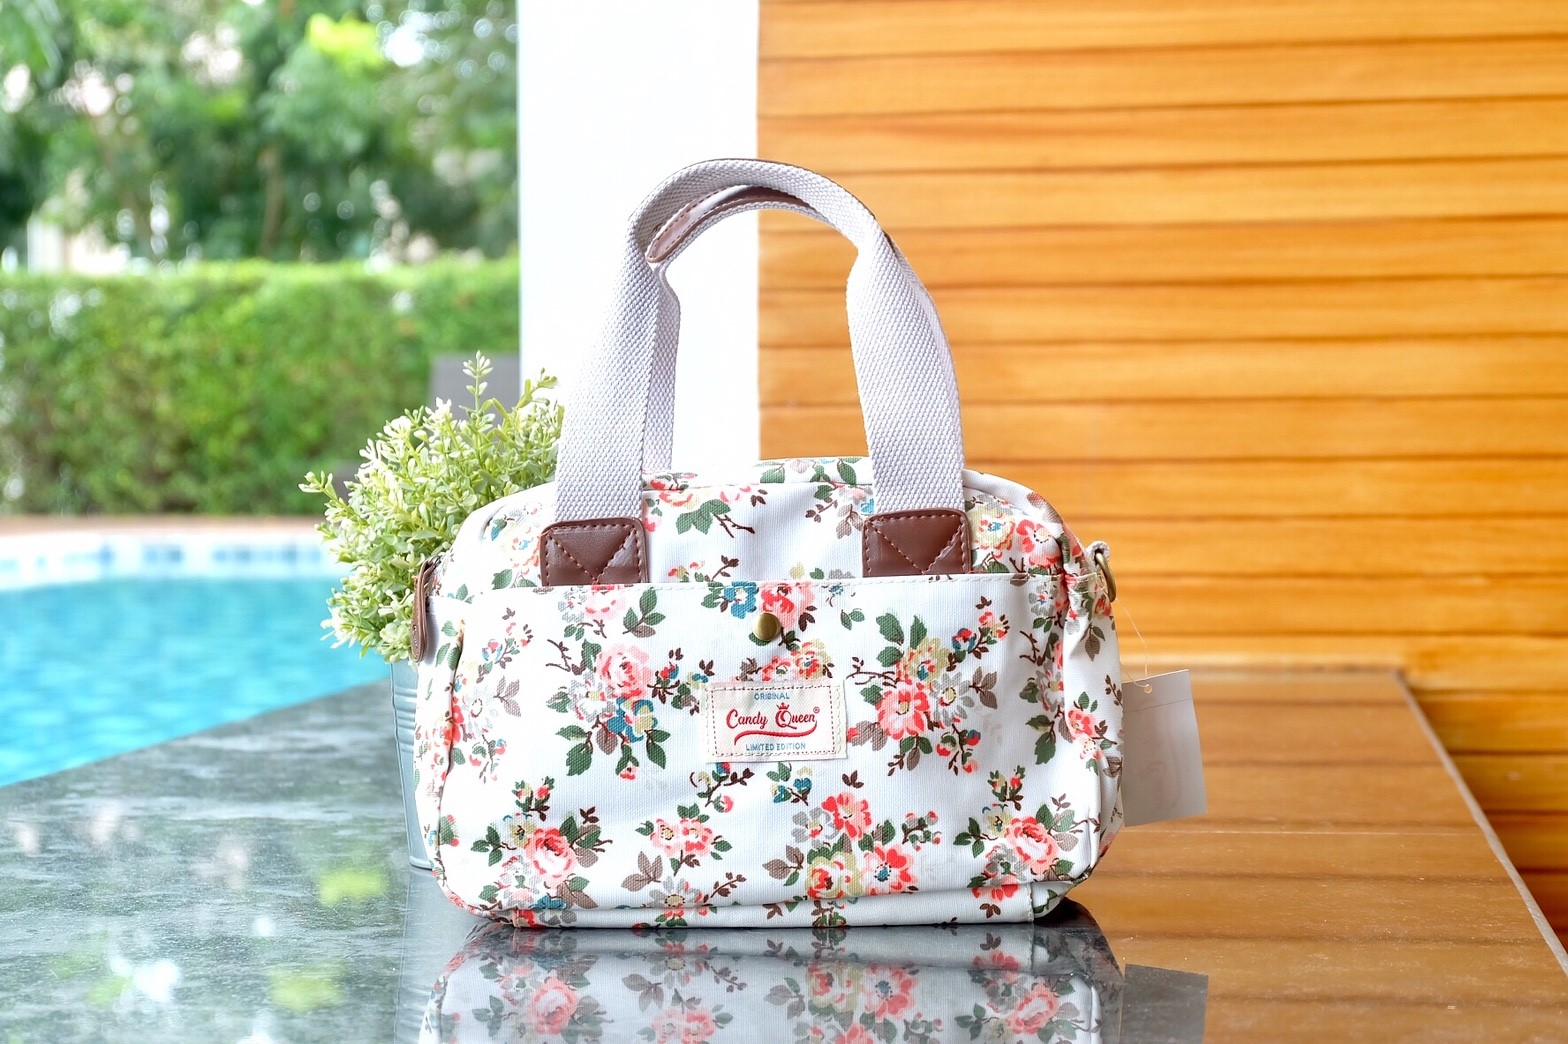 กระเป๋า CandyQueen + สะพาย 2 ซิป